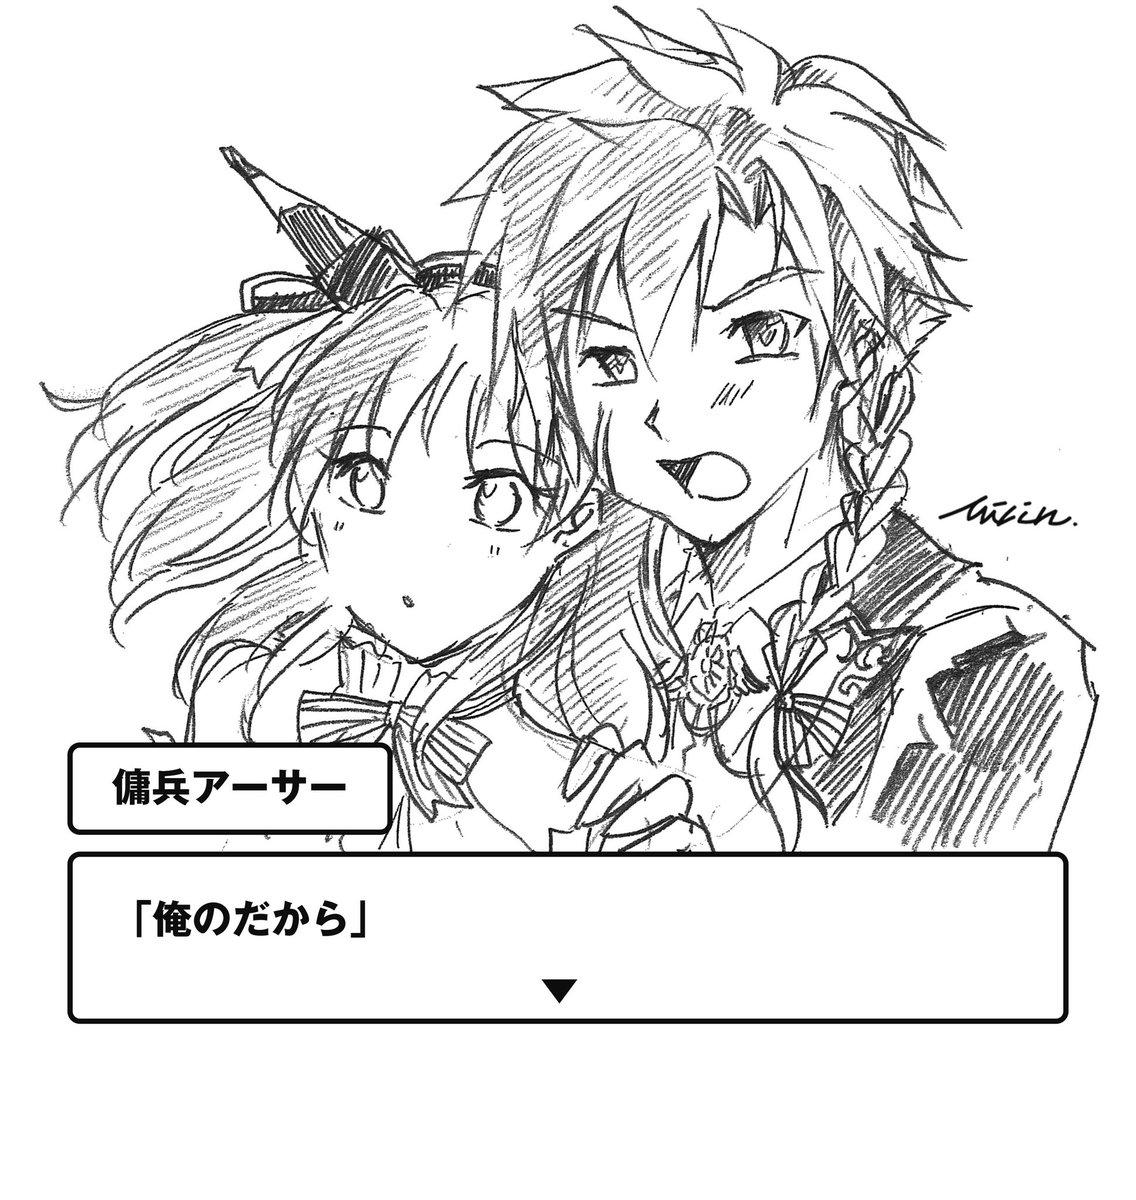 乖離性ミリオンアーサー恋愛シミュレーションゲーム~ファルサリア攻略編~